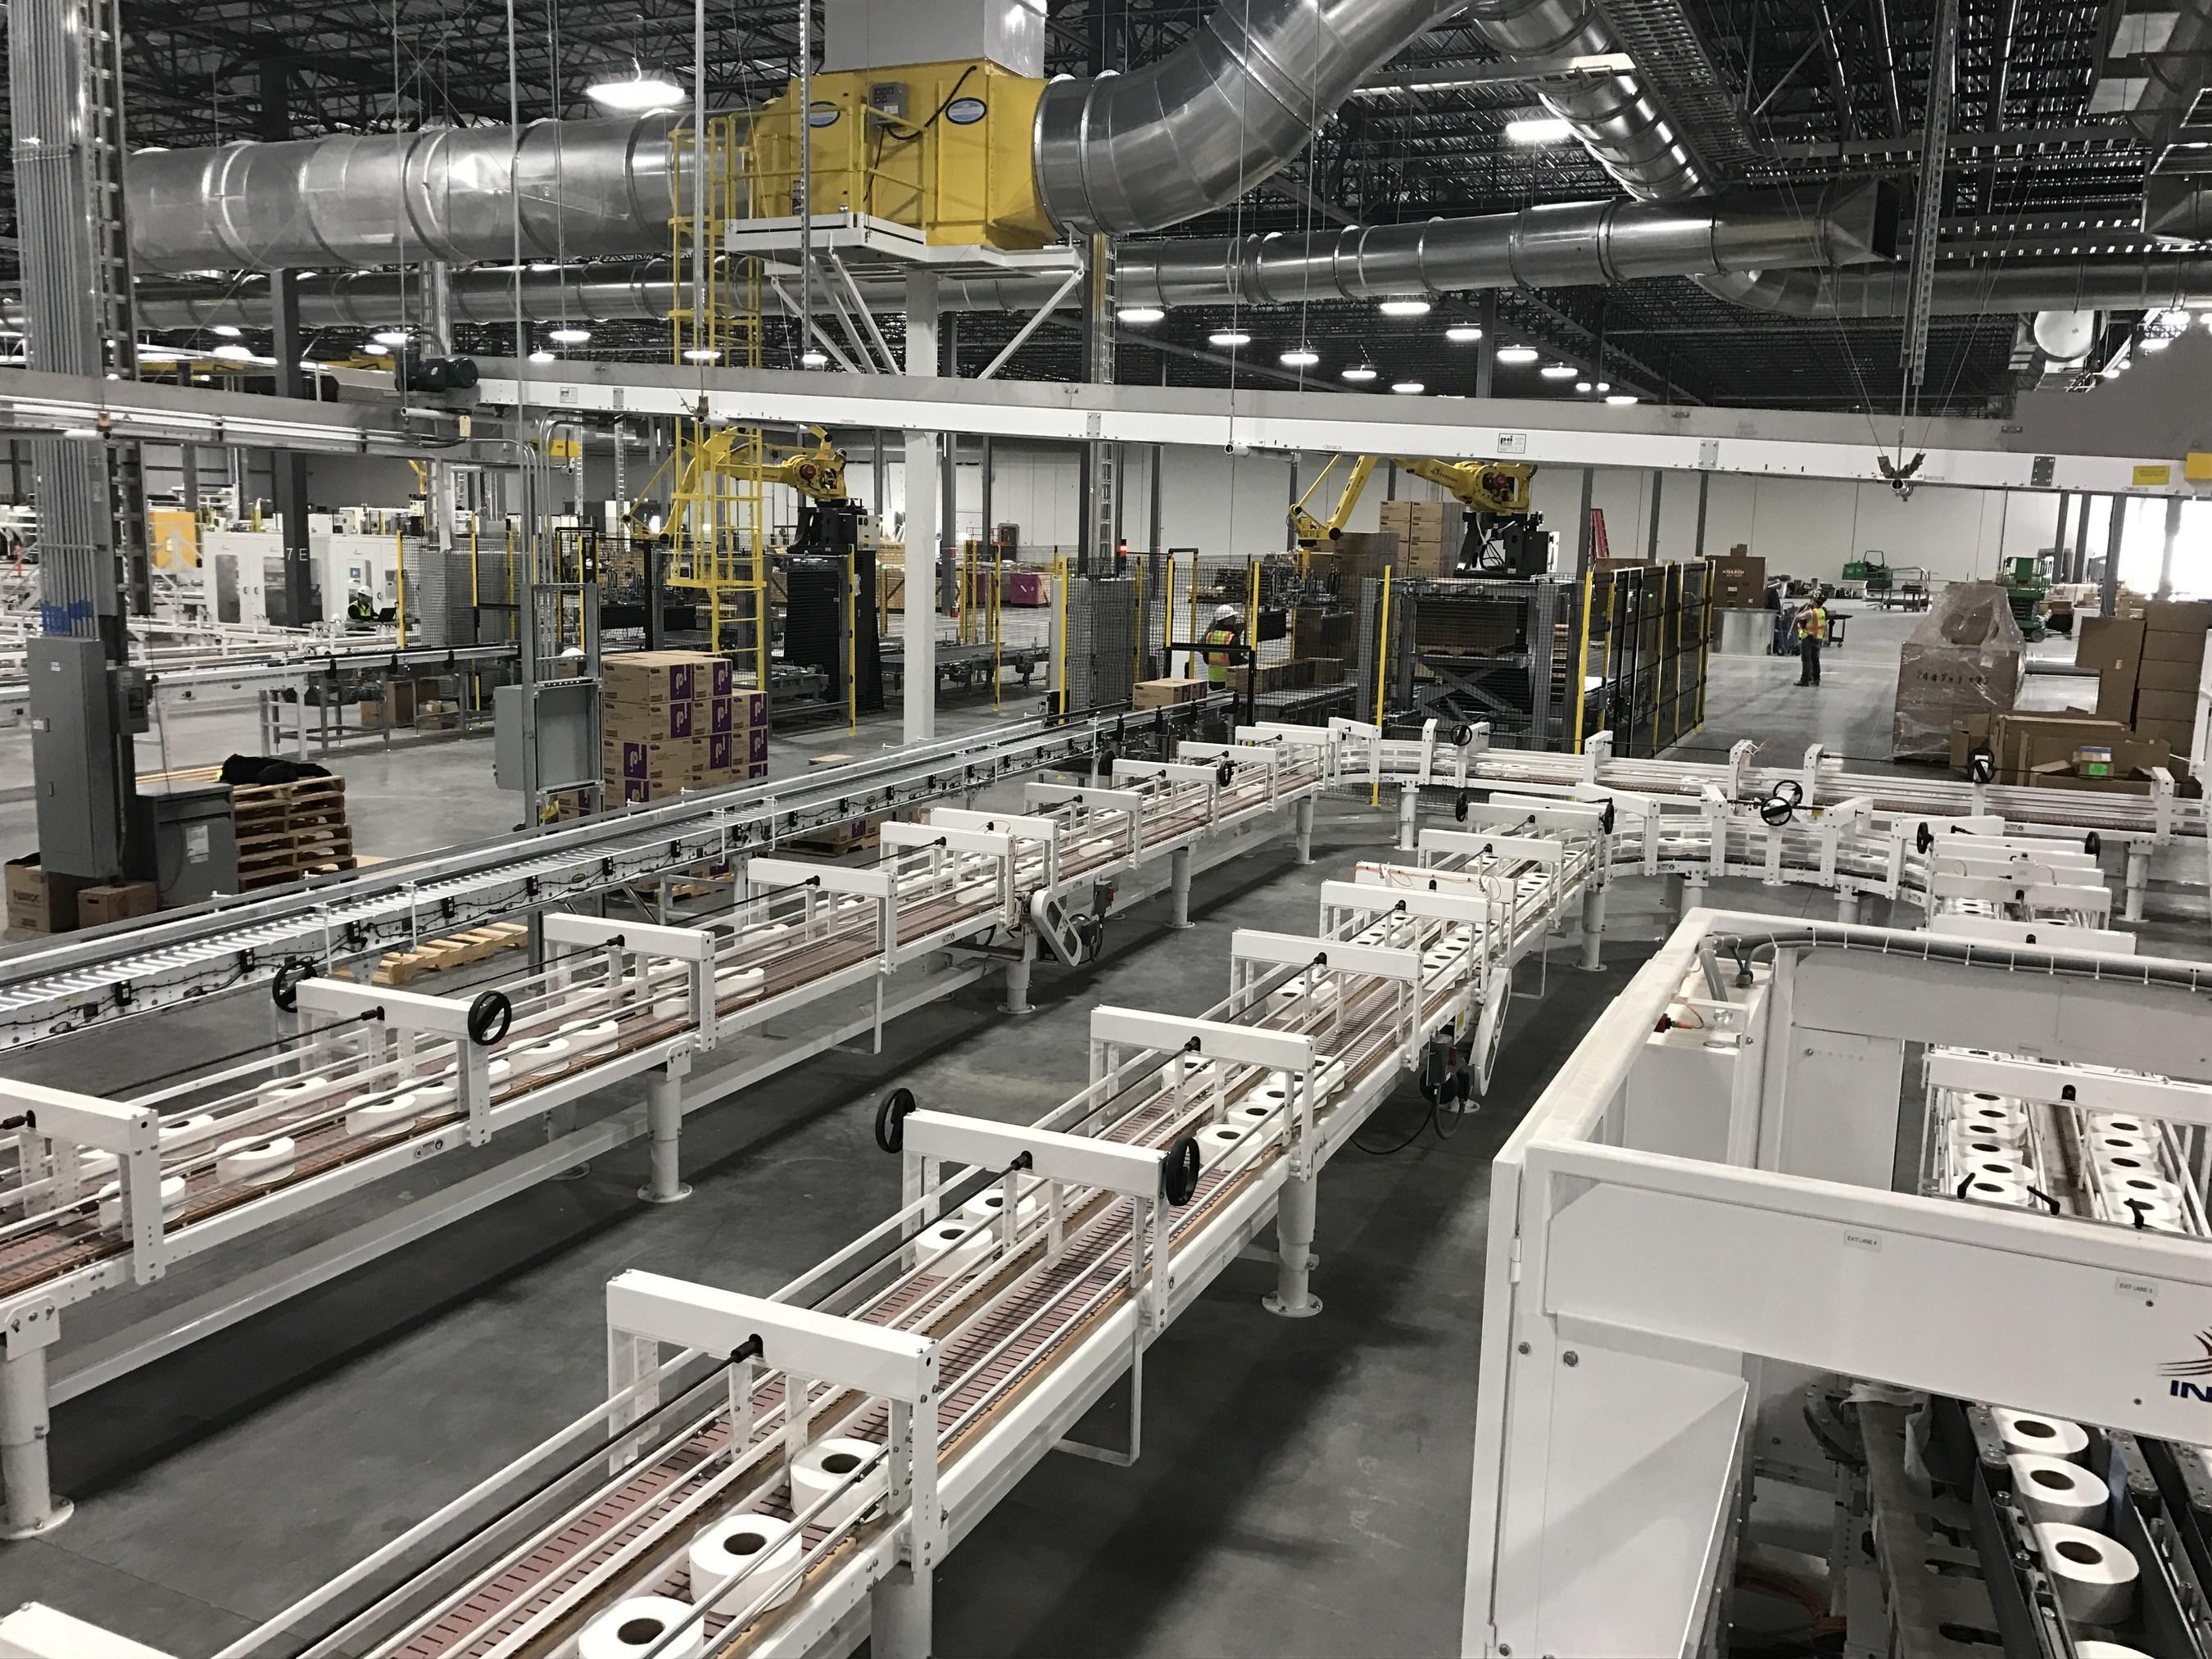 cascades inaugure une nouvelle usine de conversion de papier tissu la fine pointe de la. Black Bedroom Furniture Sets. Home Design Ideas